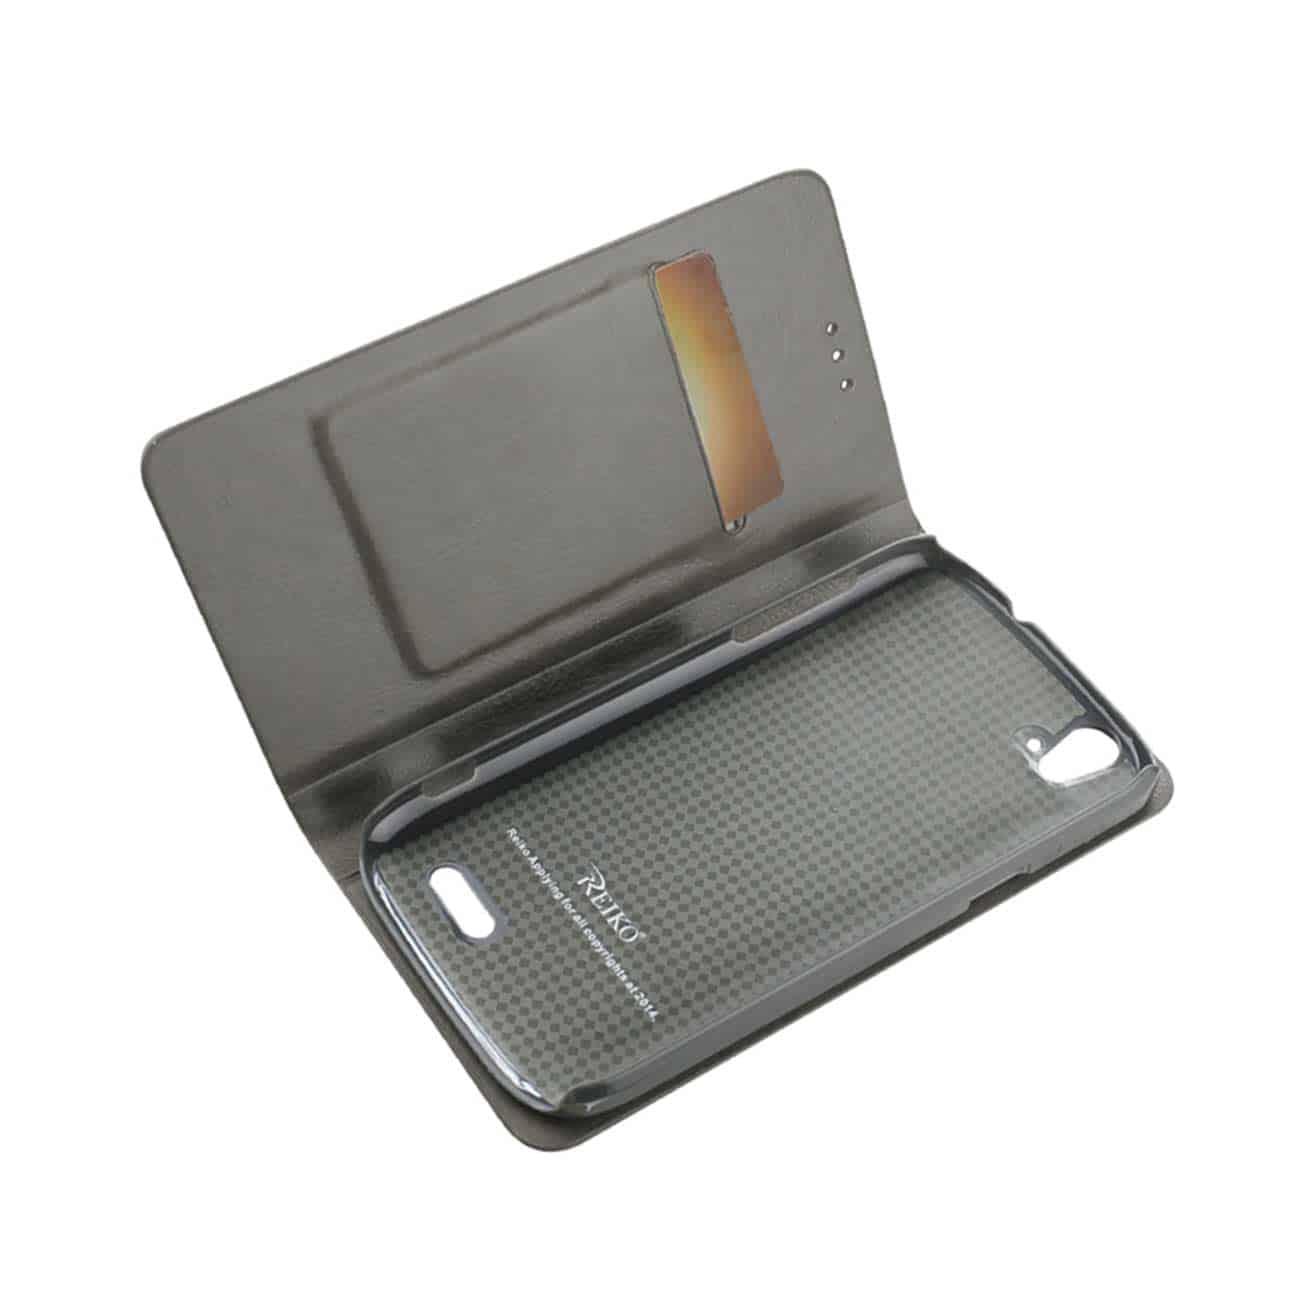 ZTE GRAND X FLIP FOLIO CASE WITH CARD HOLDER IN GRAY